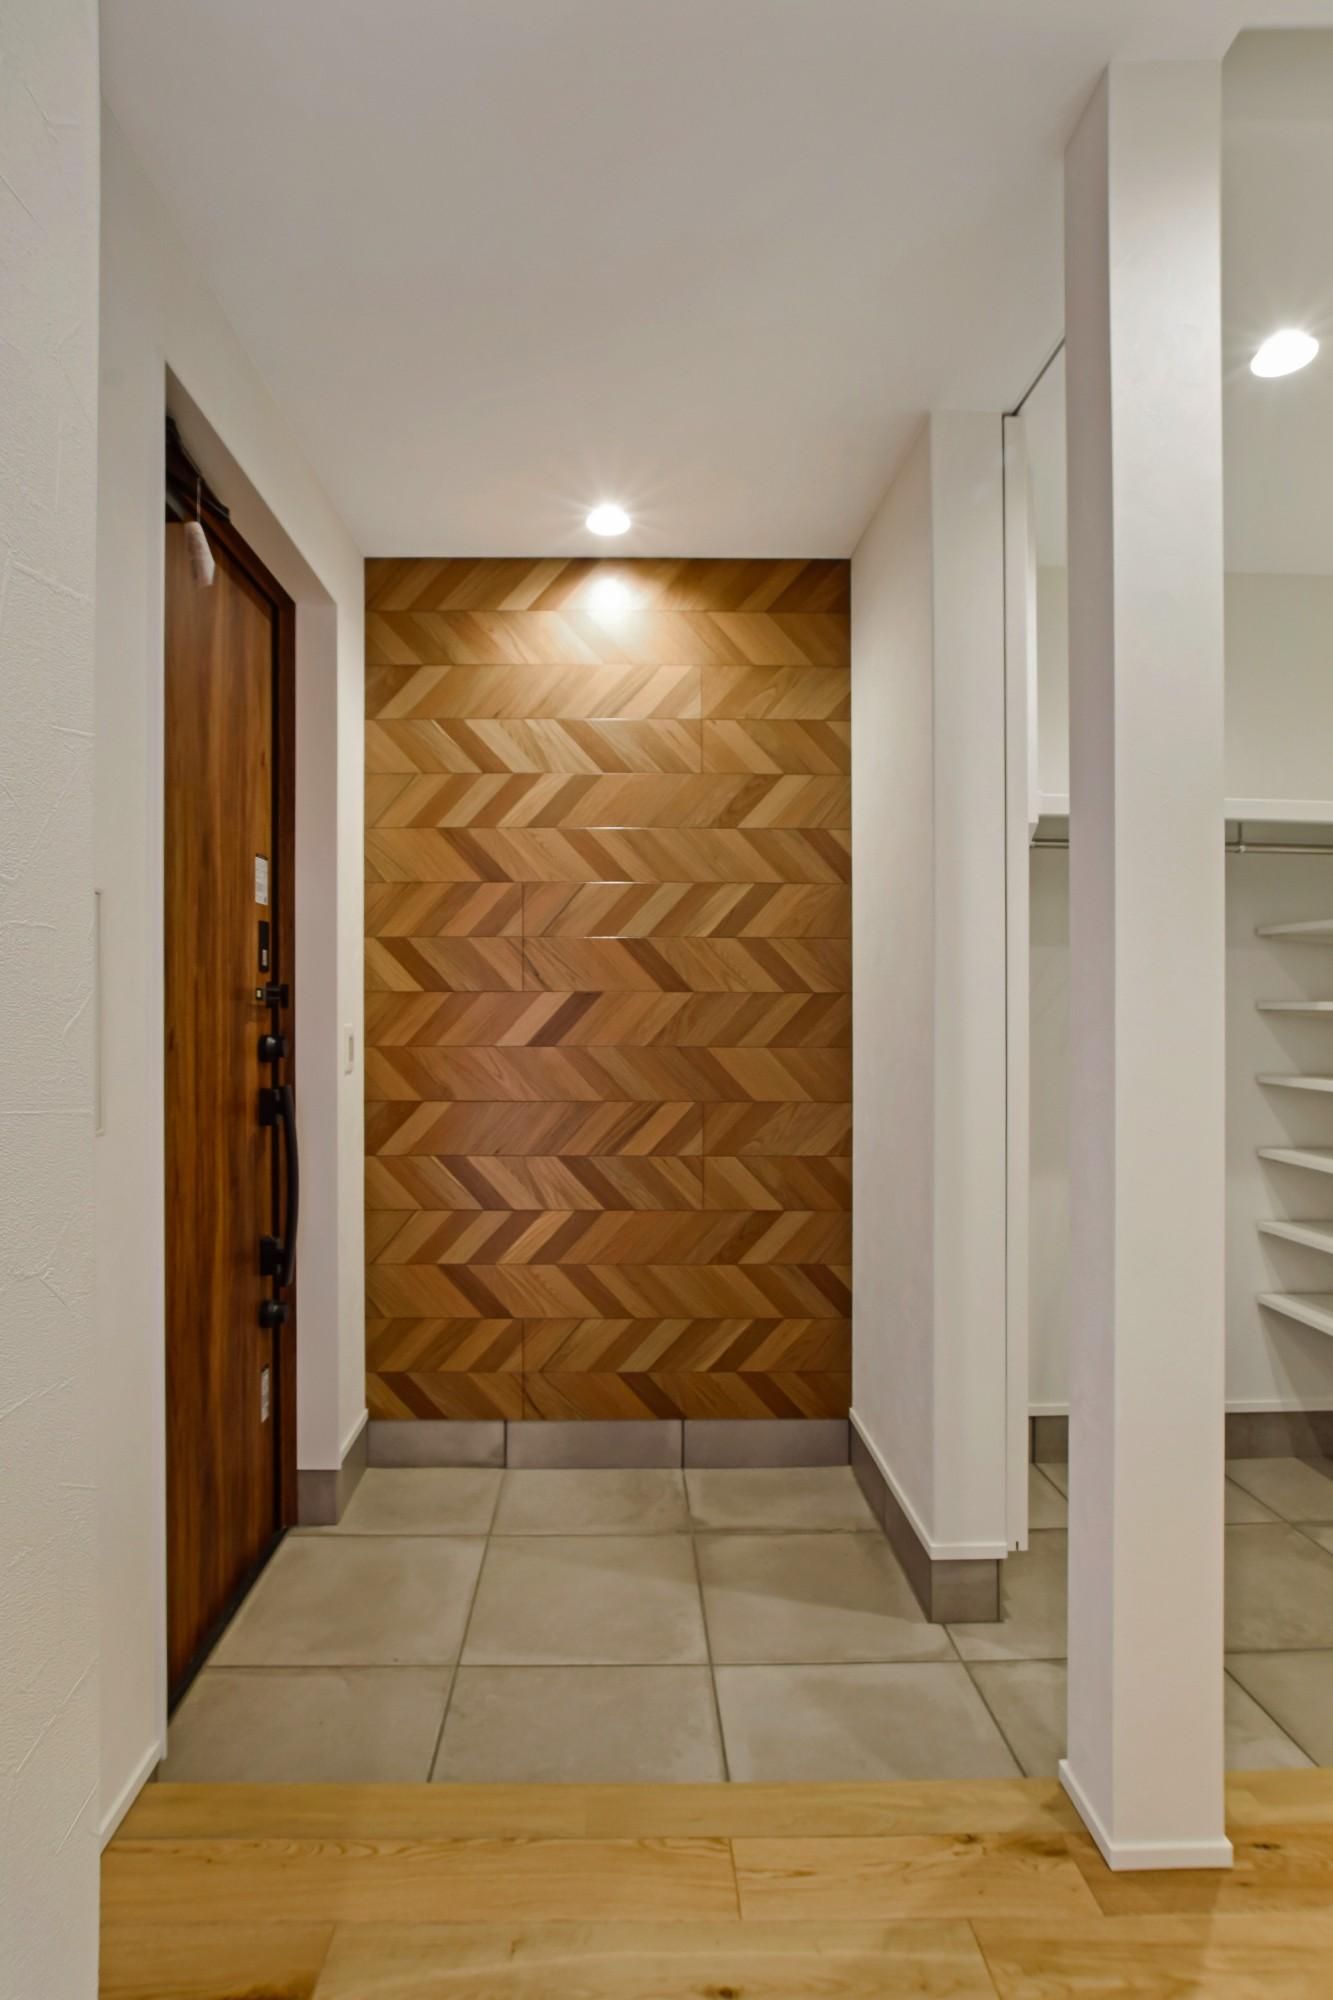 DETAIL HOME(ディテールホーム)「内と外がつながる吹抜け大開口の住まい」のヴィンテージな玄関の実例写真